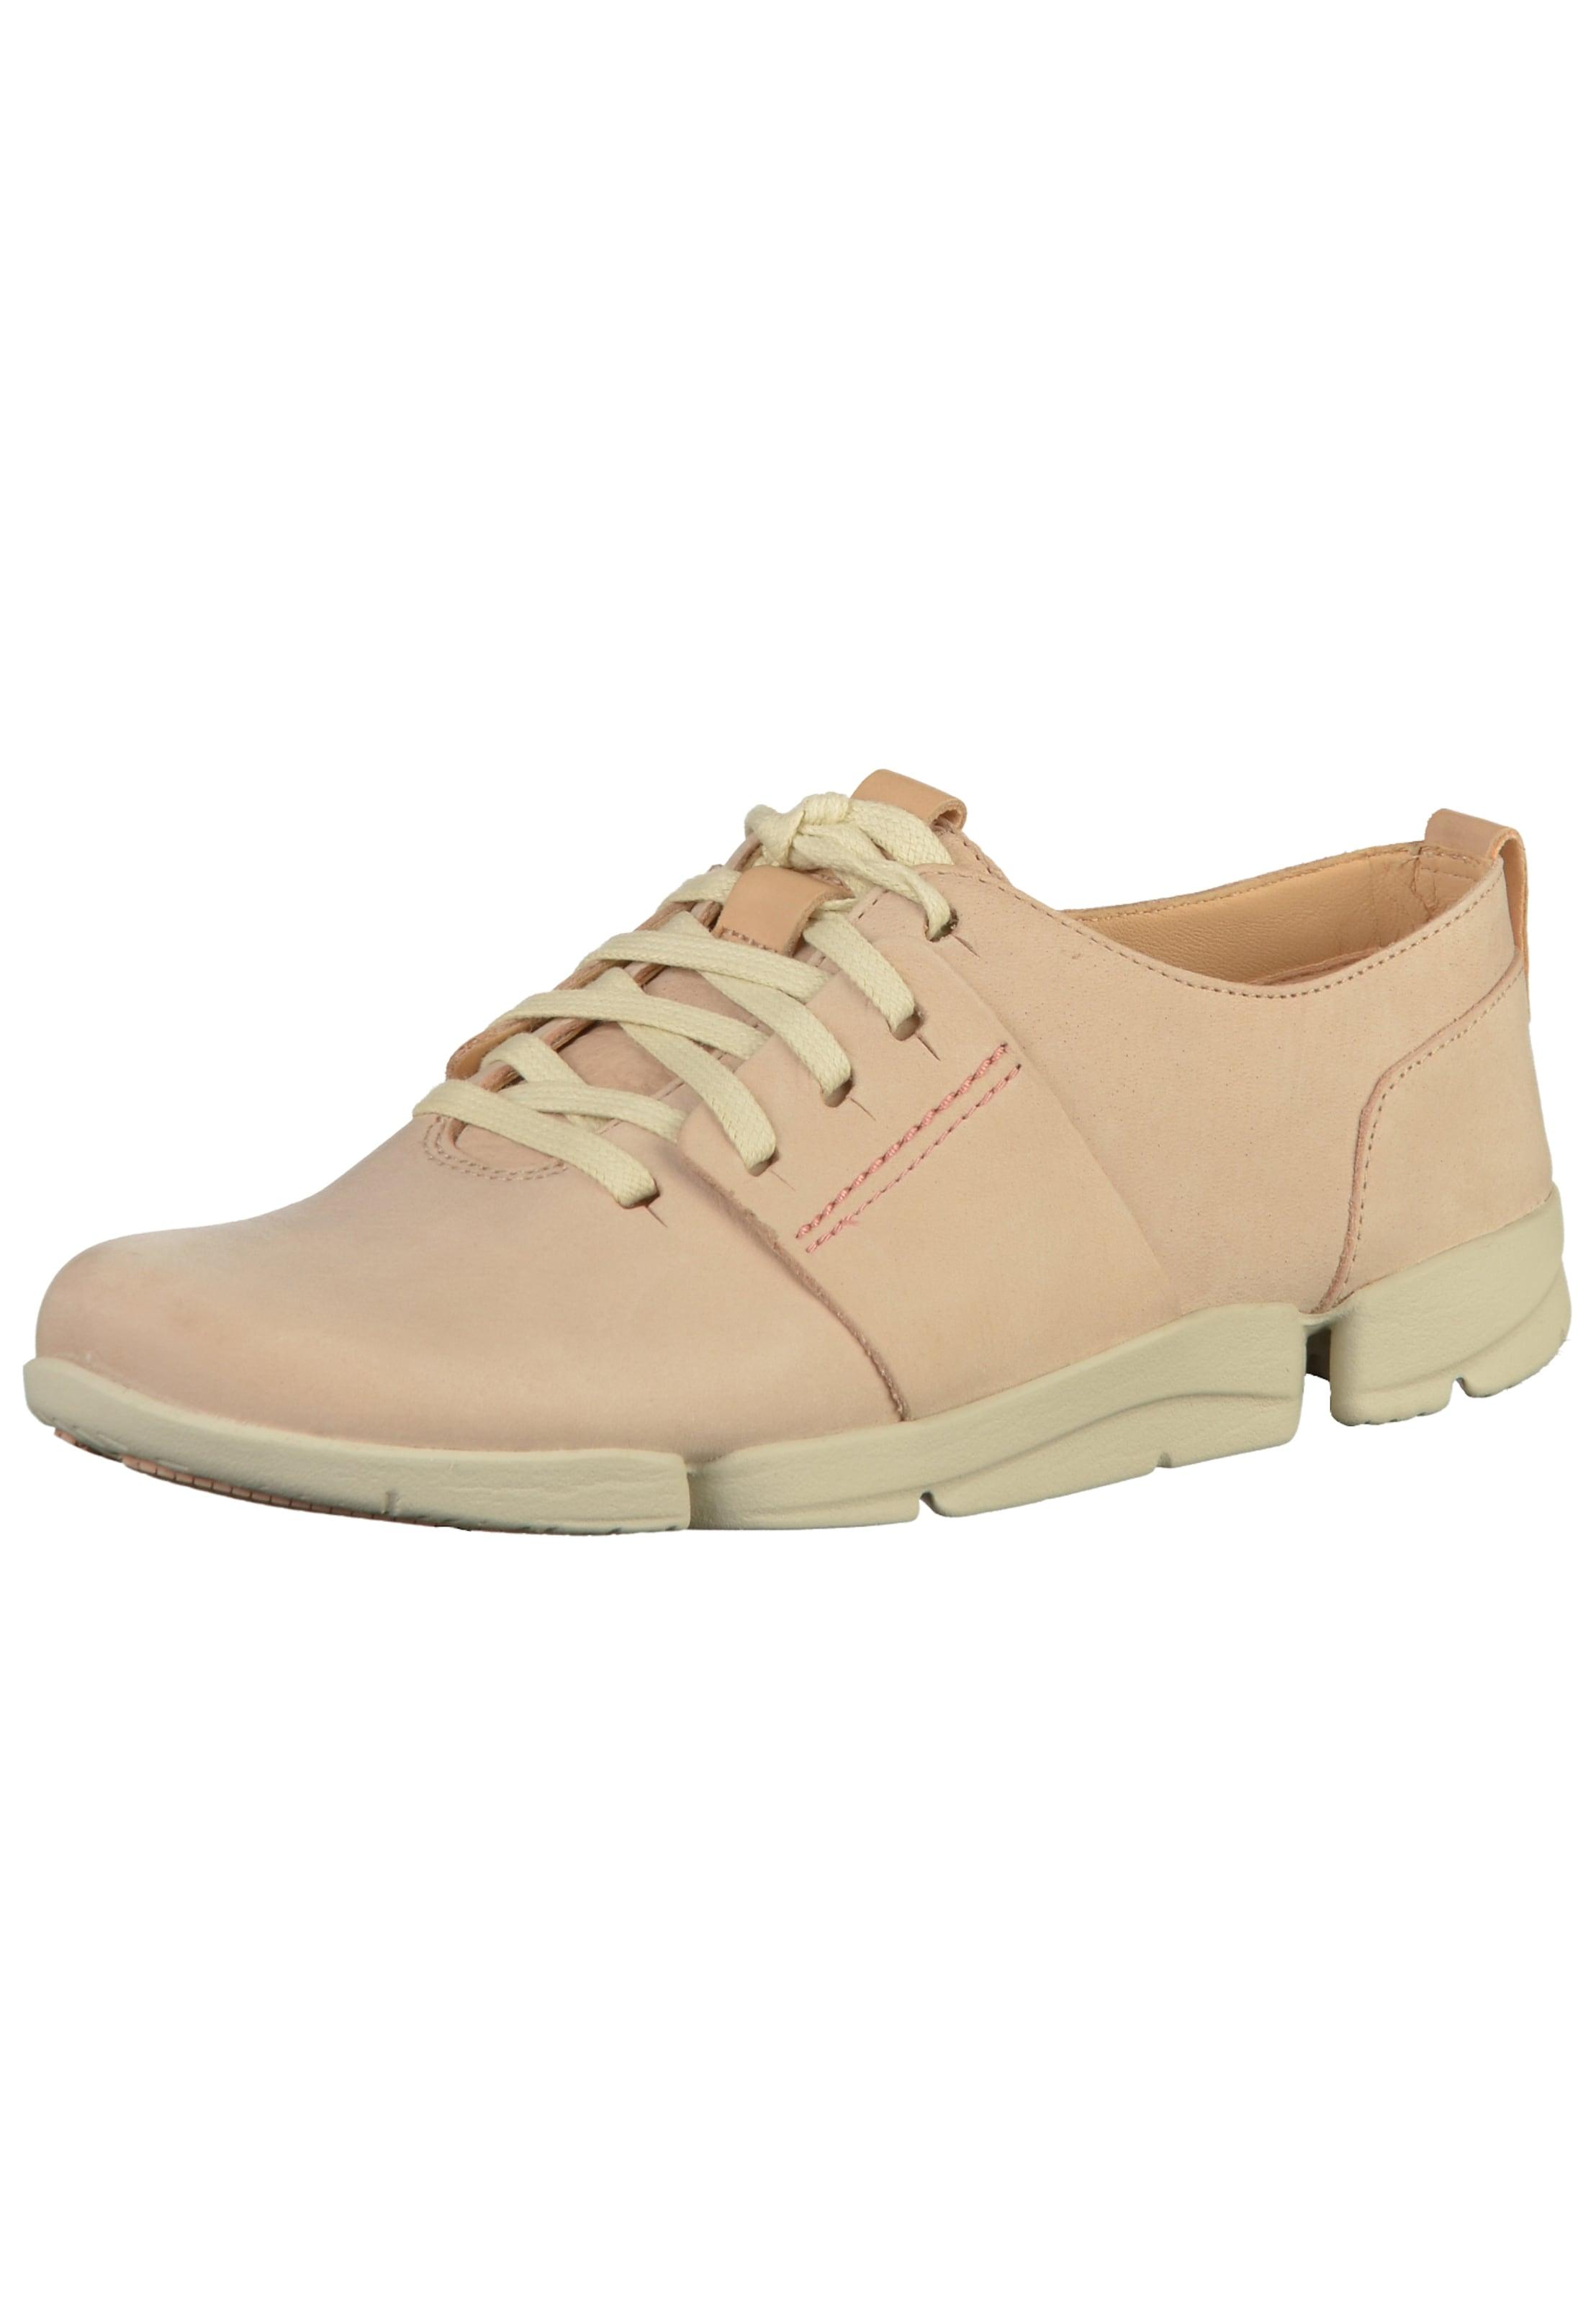 CLARKS Halbschuhe Verschleißfeste billige Schuhe Hohe Qualität